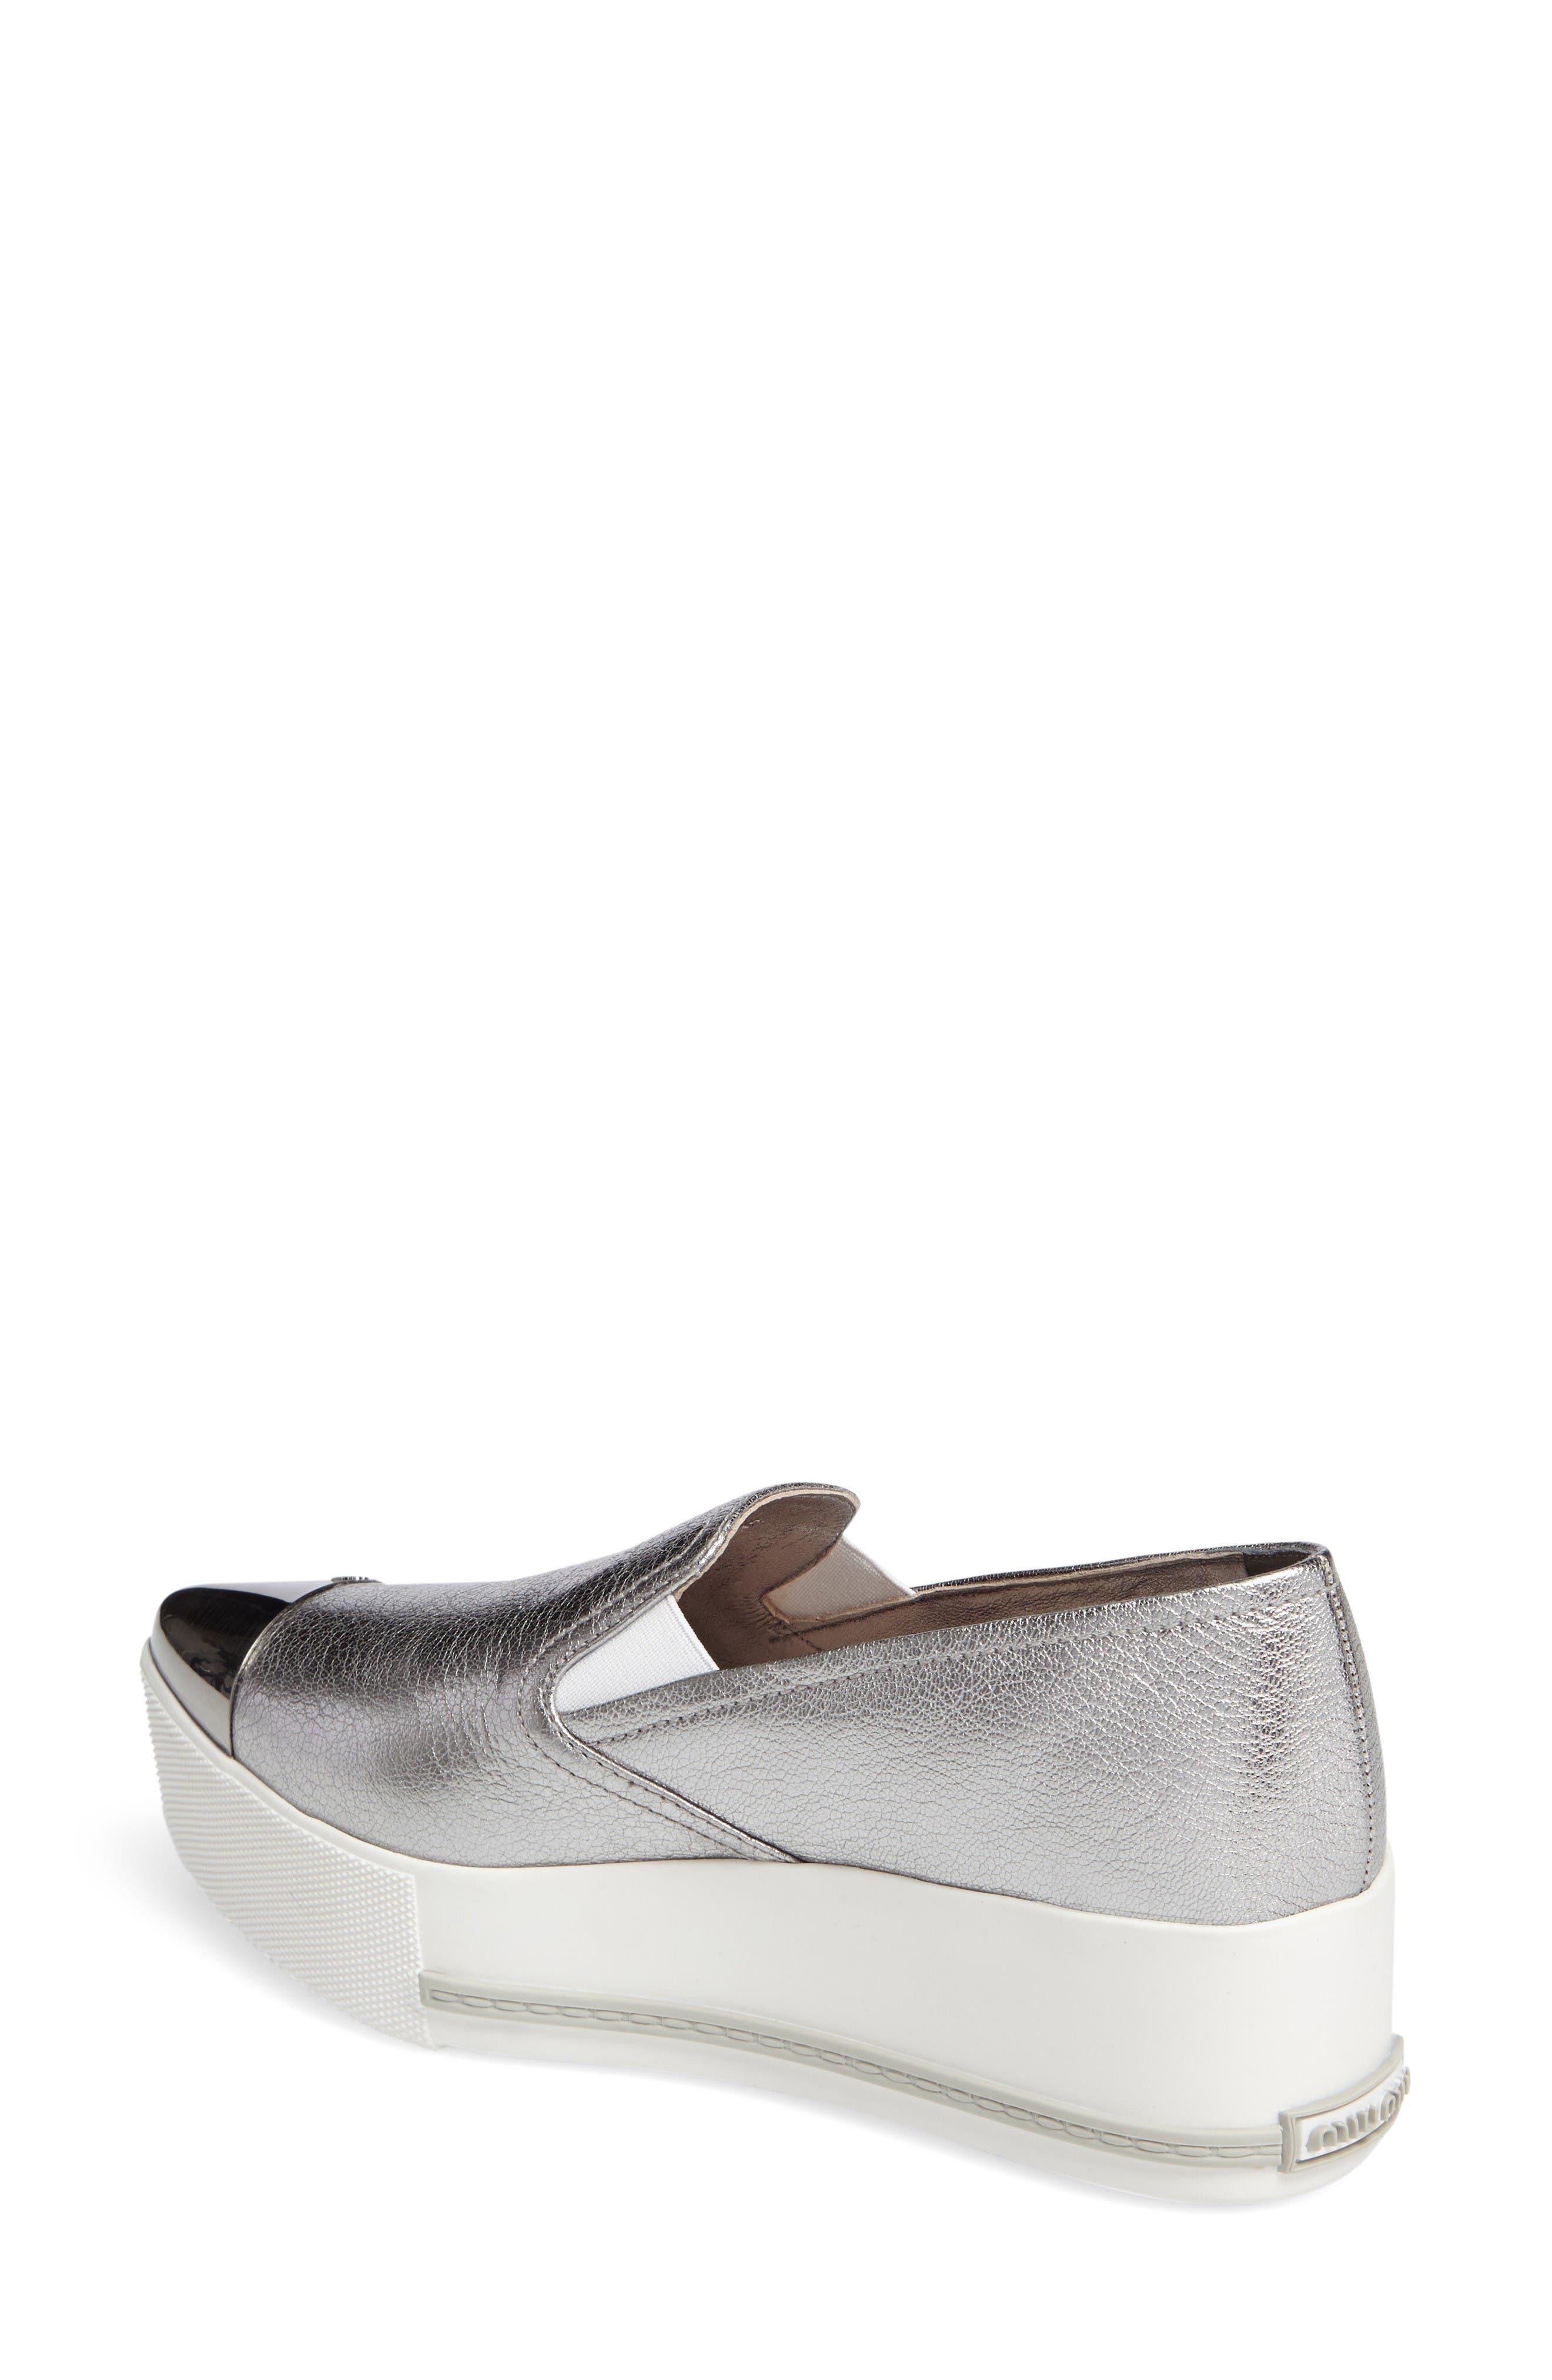 Alternate Image 2  - Miu Miu Metal Cap Toe Platform Sneaker (Women)